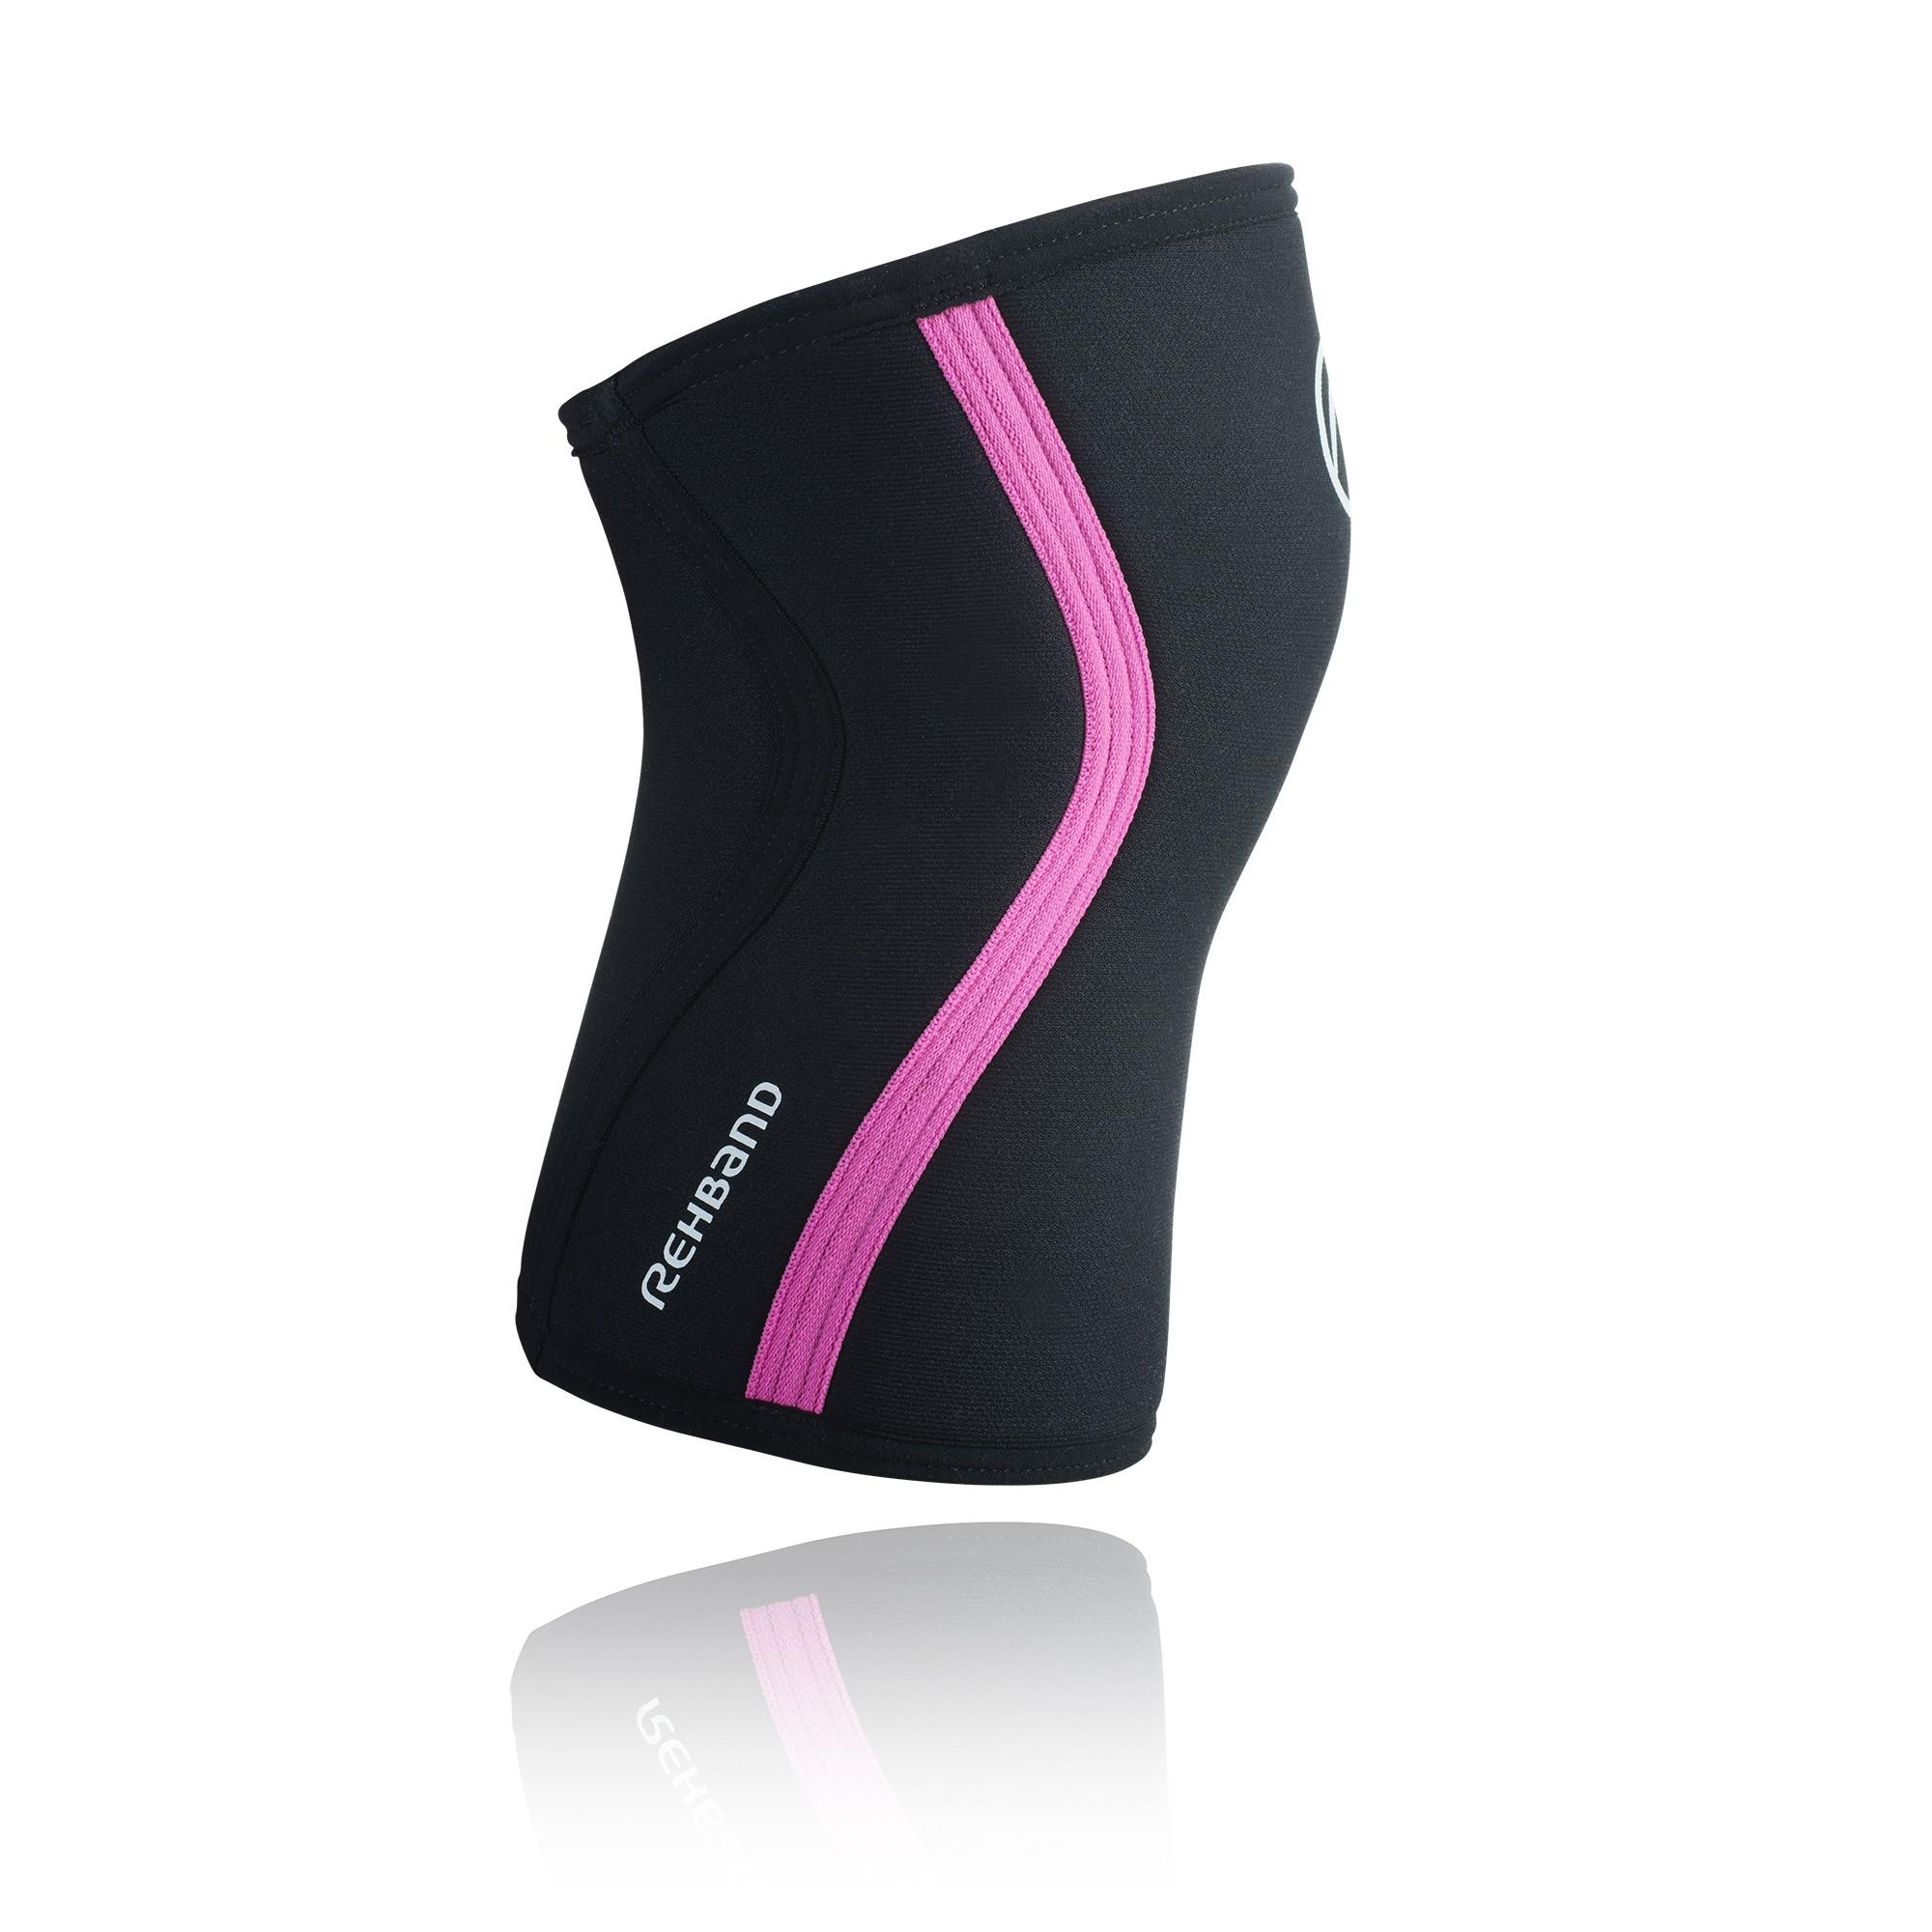 Rehband RX Kniebandage schwarz/pink 7mm